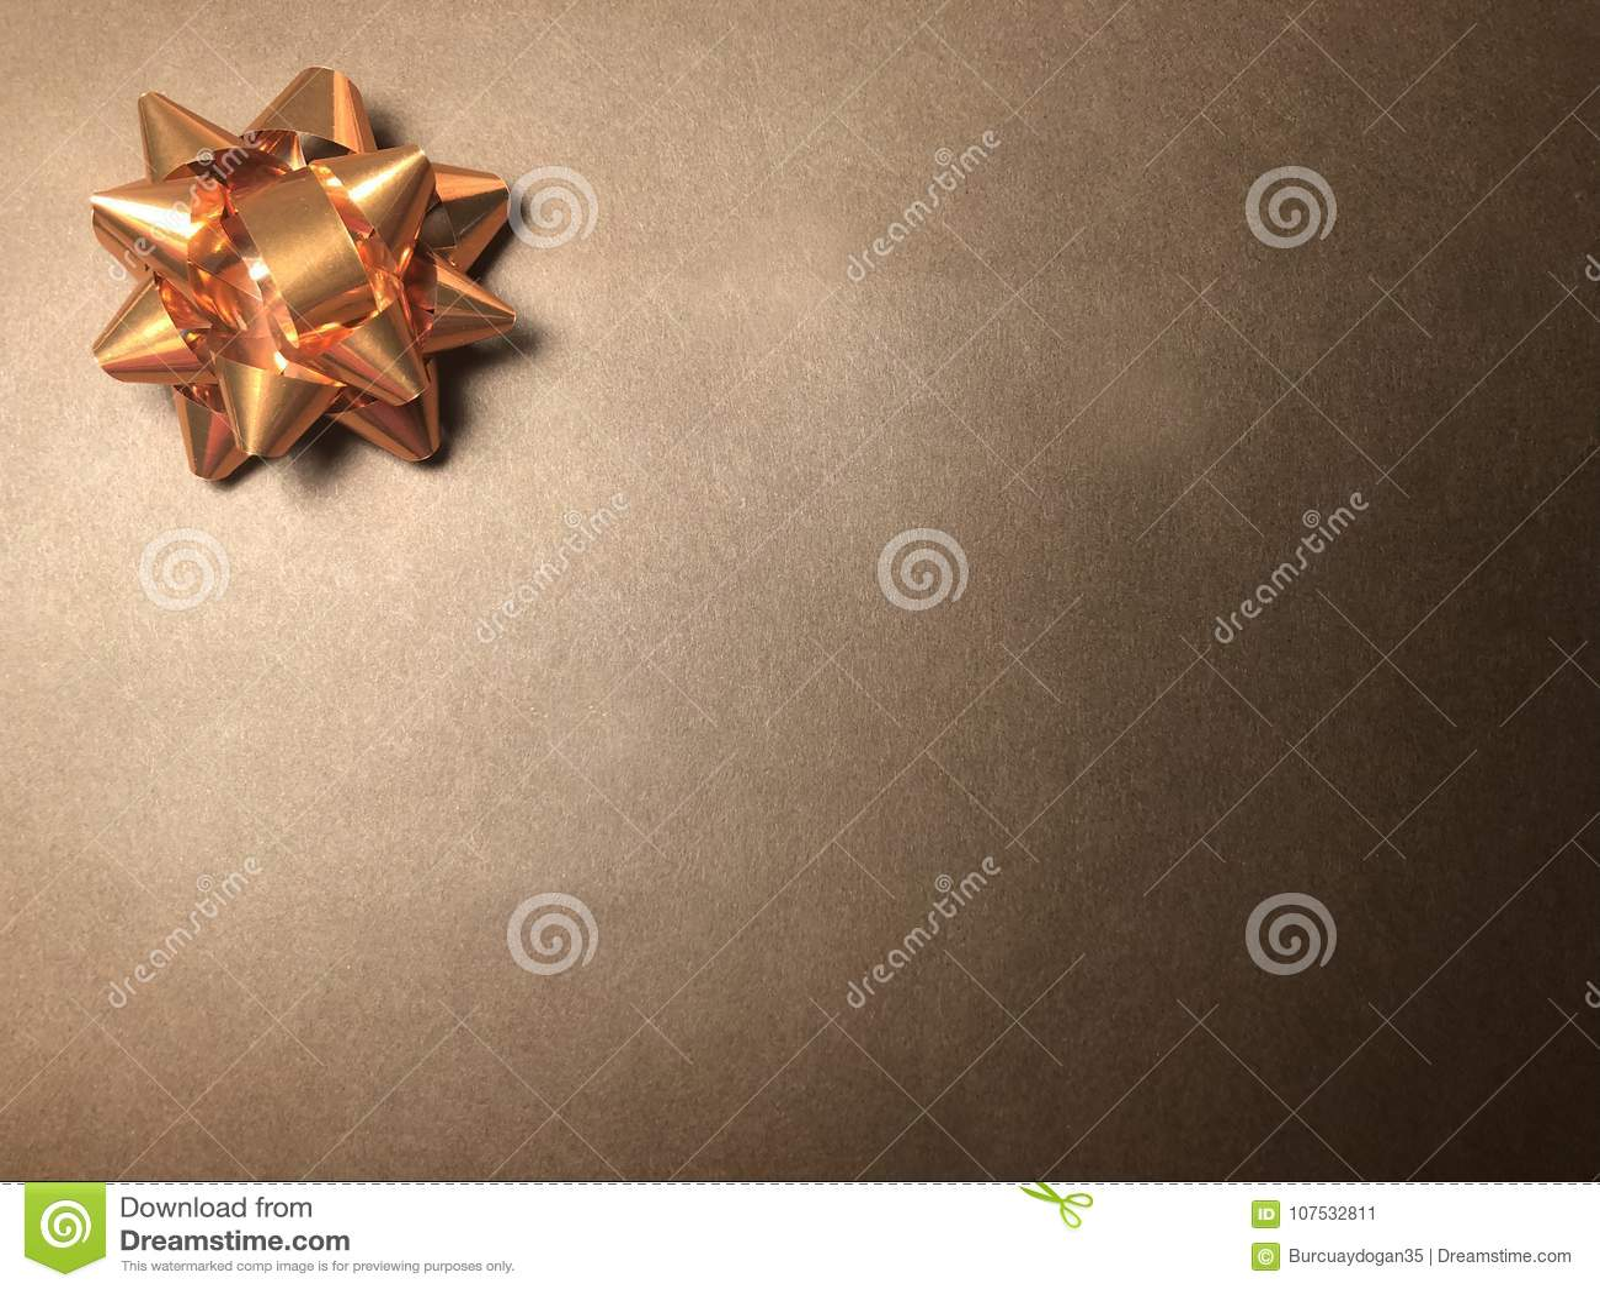 Área de mensaje vacío con el ornamento como la estrella, el documento de nota o marco brillante sobre fondo oscuro y marrón claro